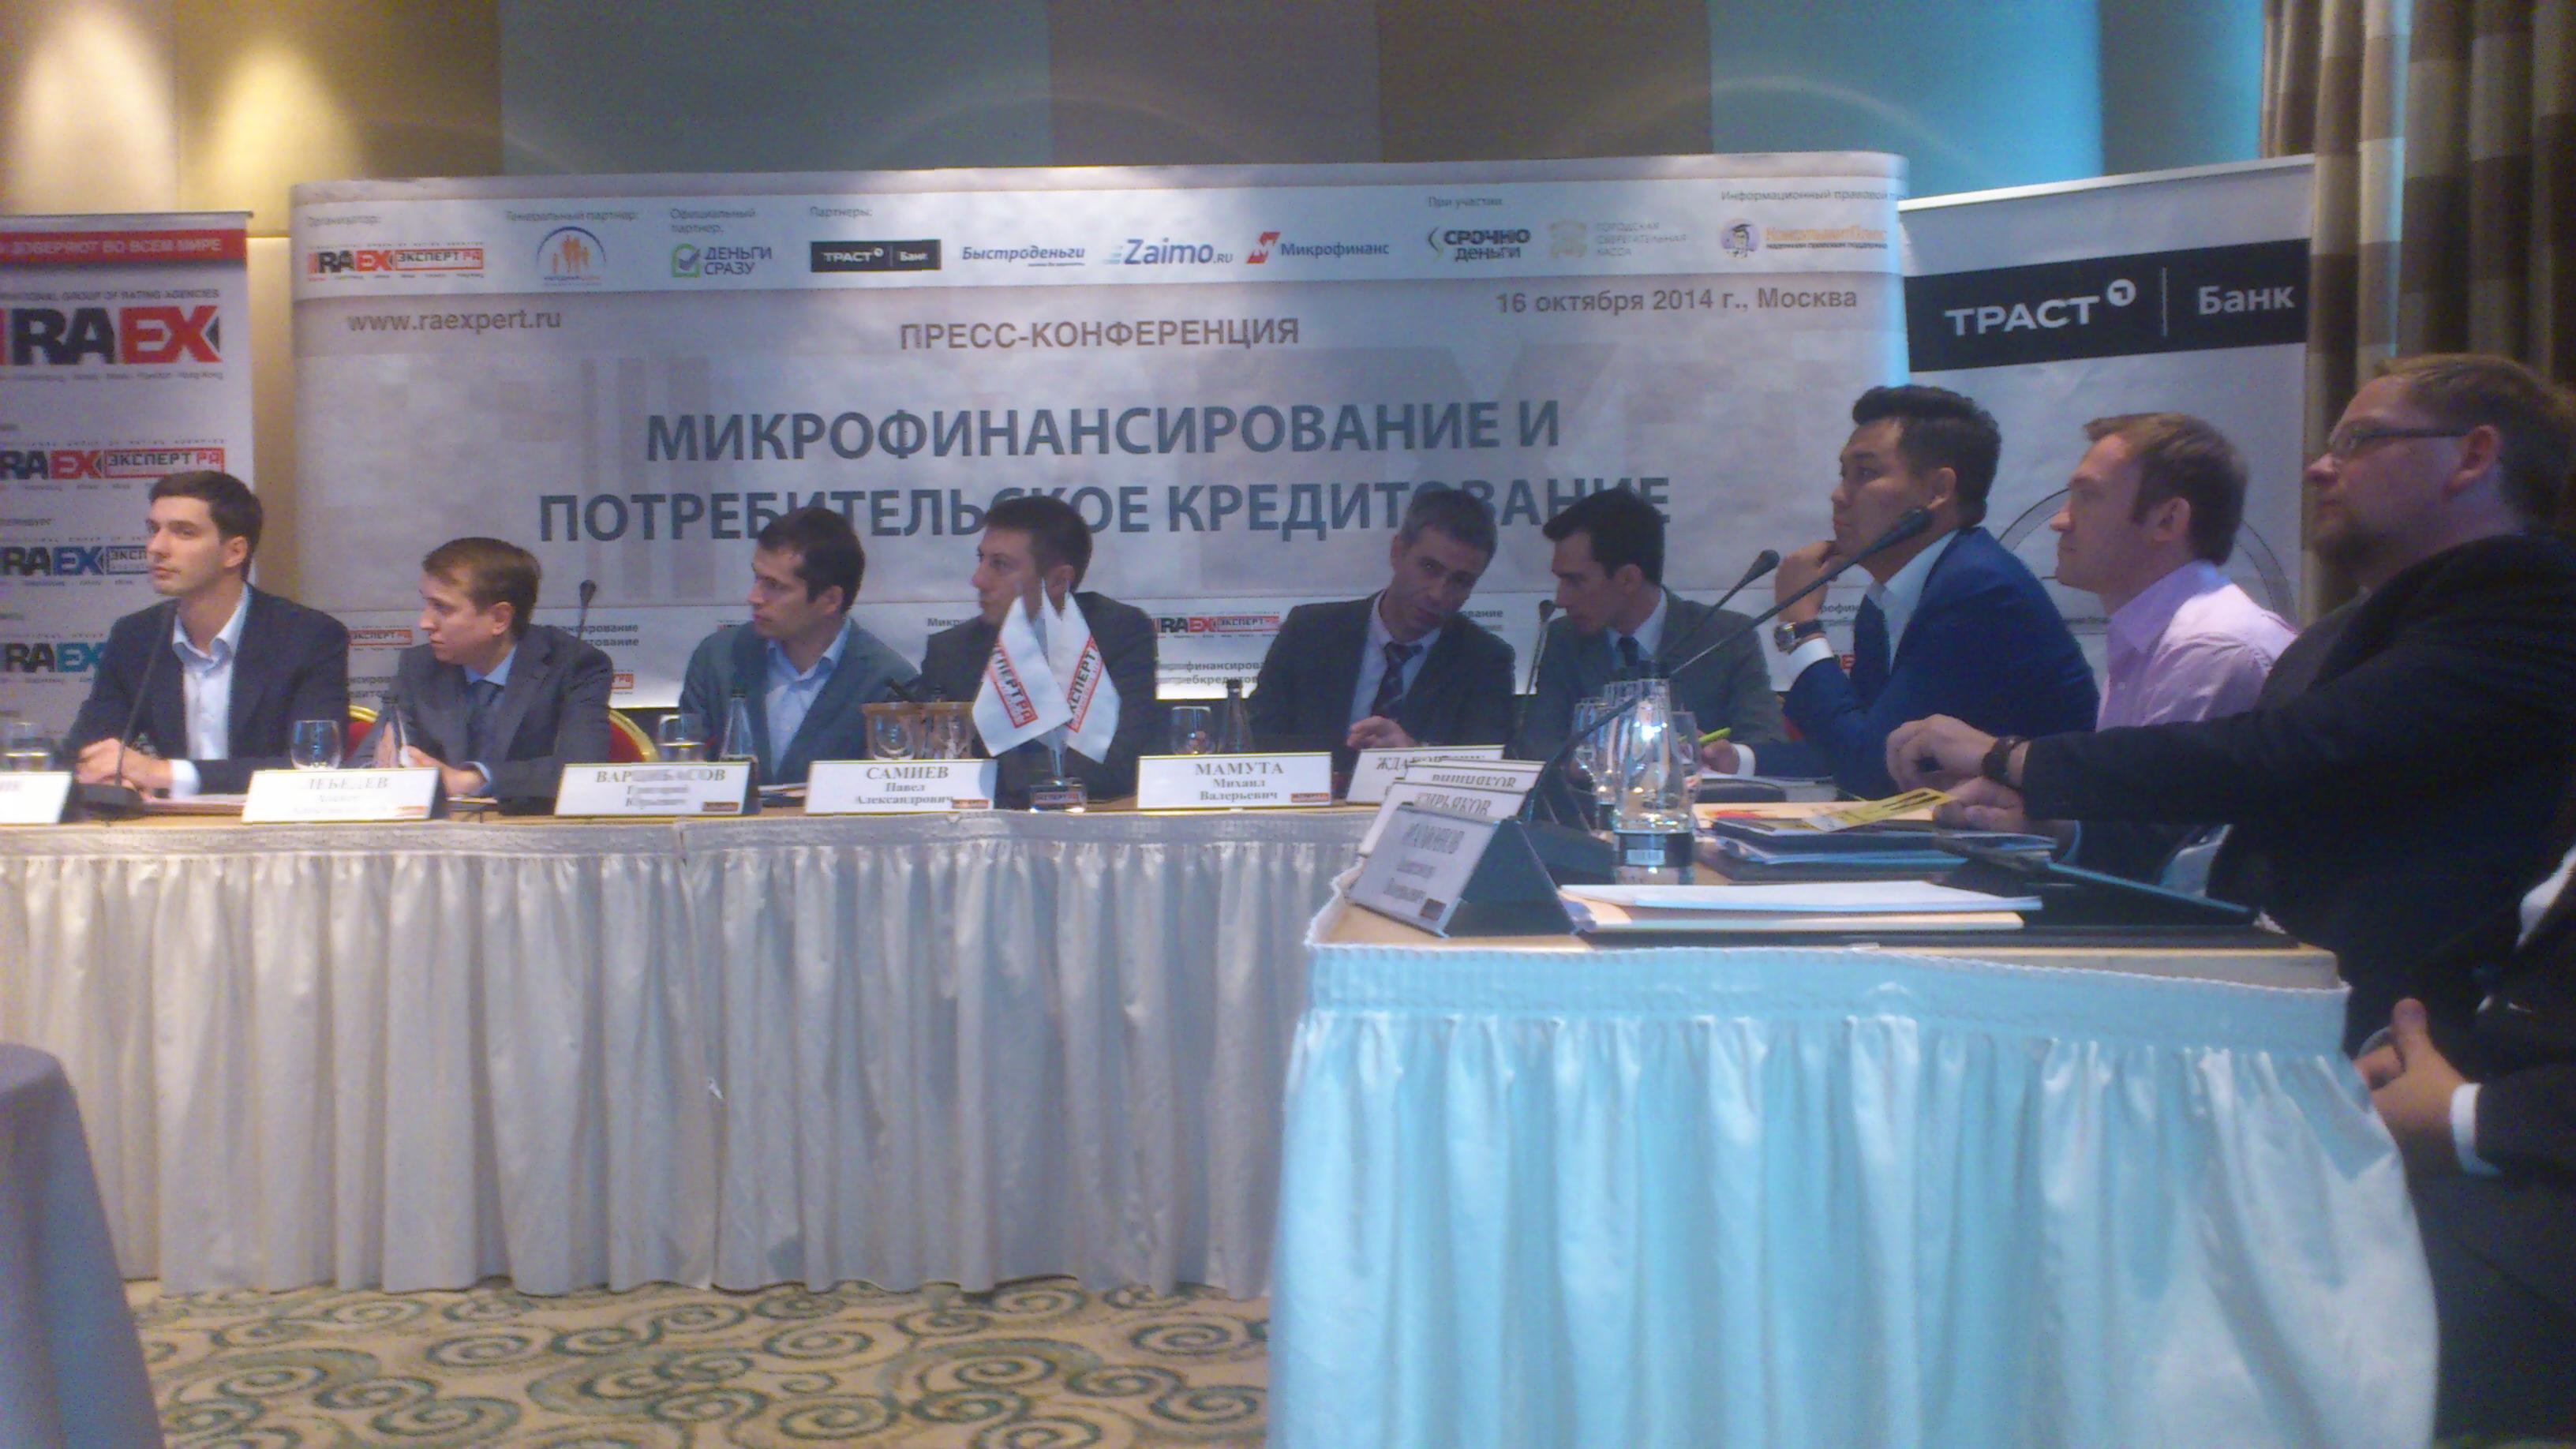 Zaimo. Ru об участии в конференции « Микрофинансирование и потребительское кредитование»